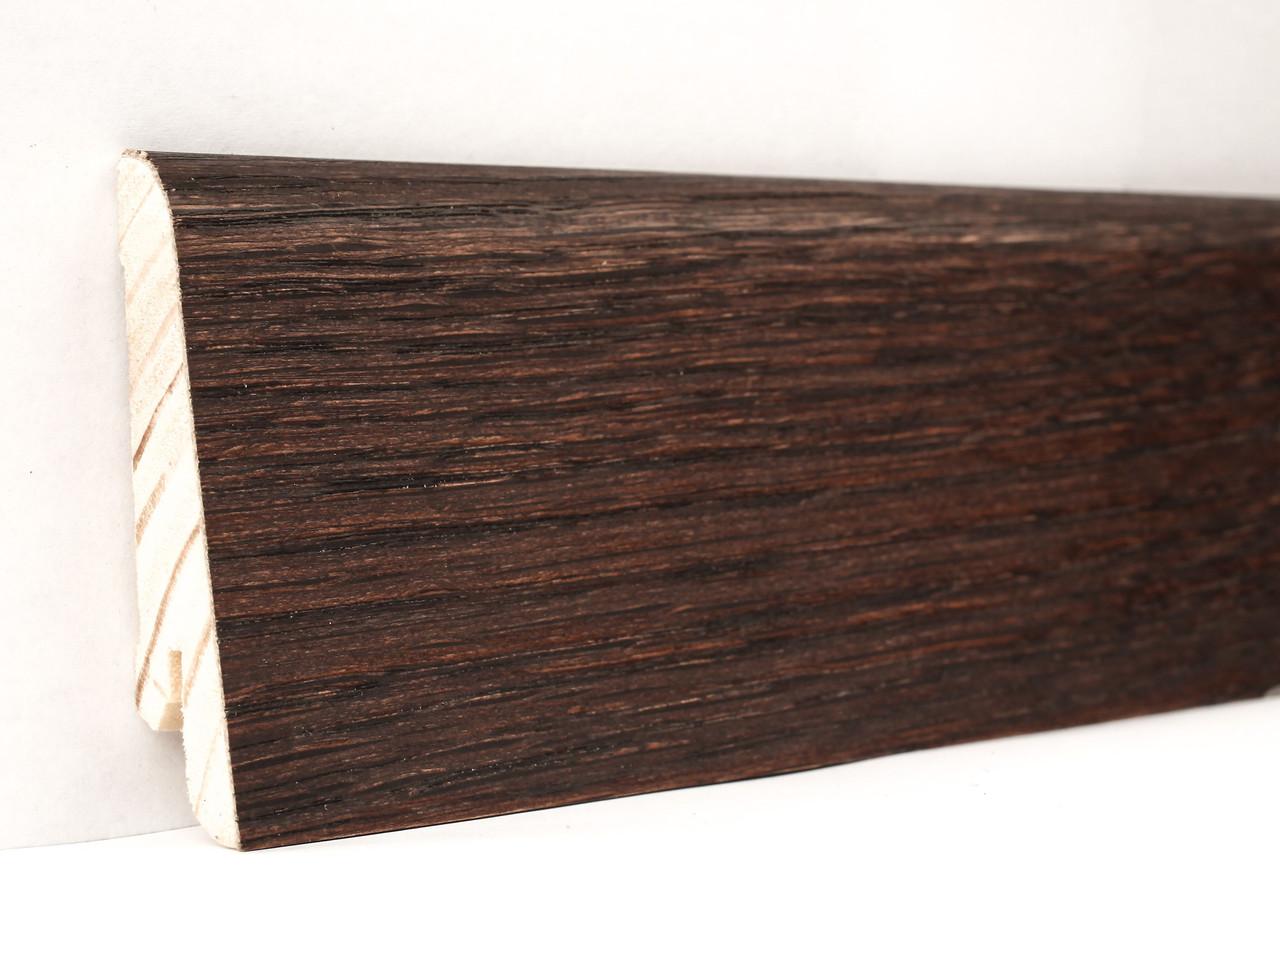 Плинтус деревянный (шпон) Kluchuk Neo Plinth Дуб коньяк 100х19х2200 мм.